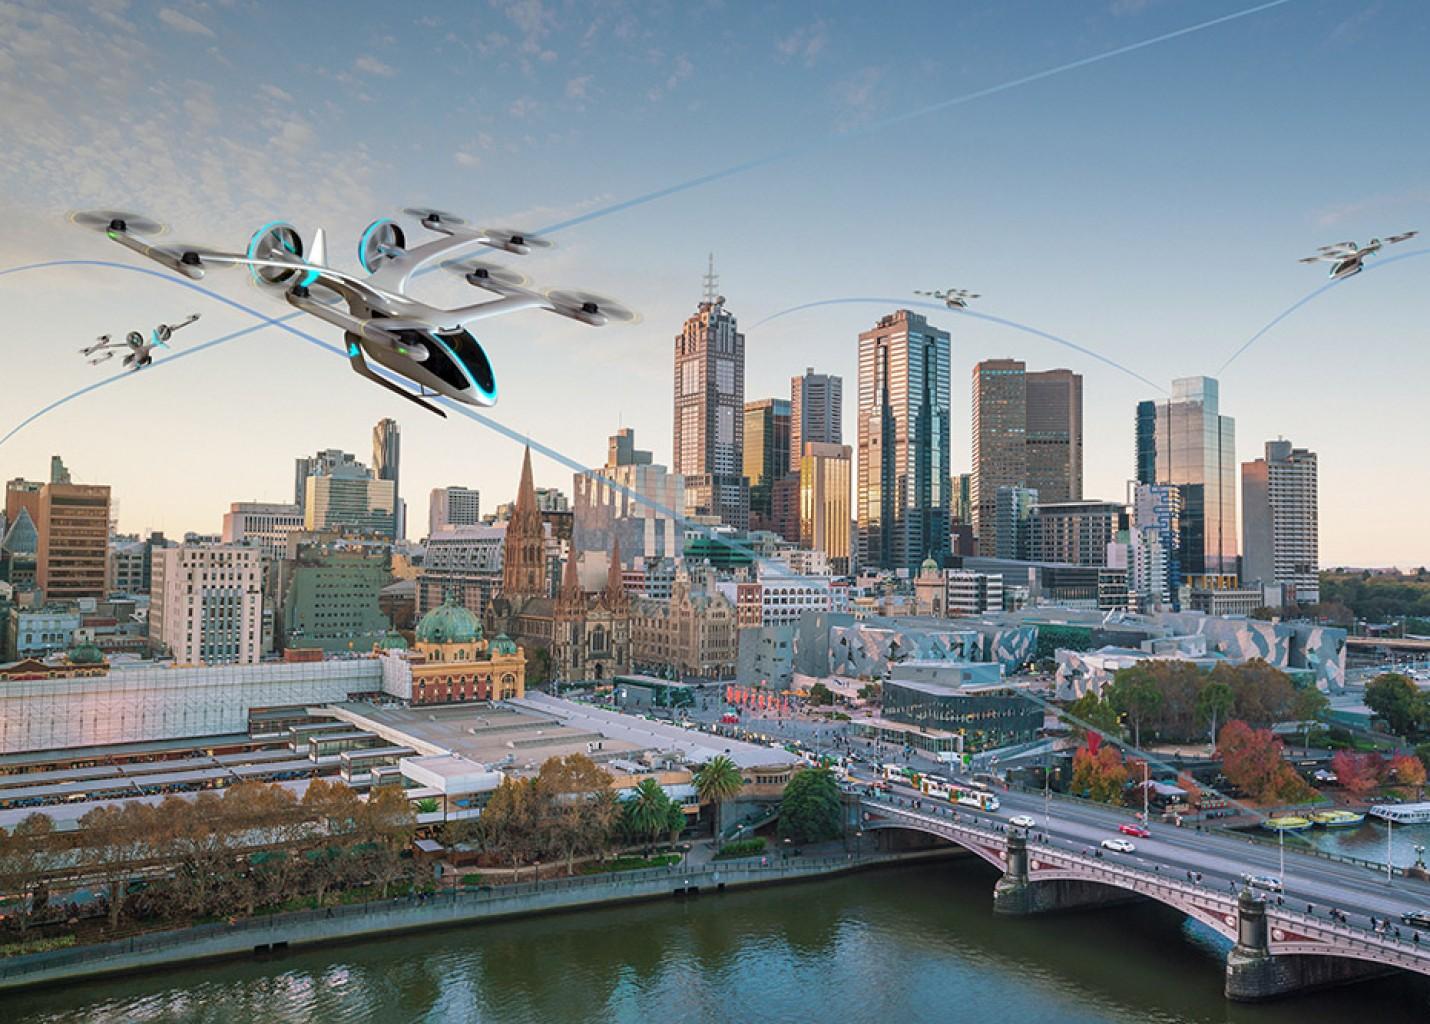 EmbraerX revela conceito de veículo voador elétrico em Washington; vídeo